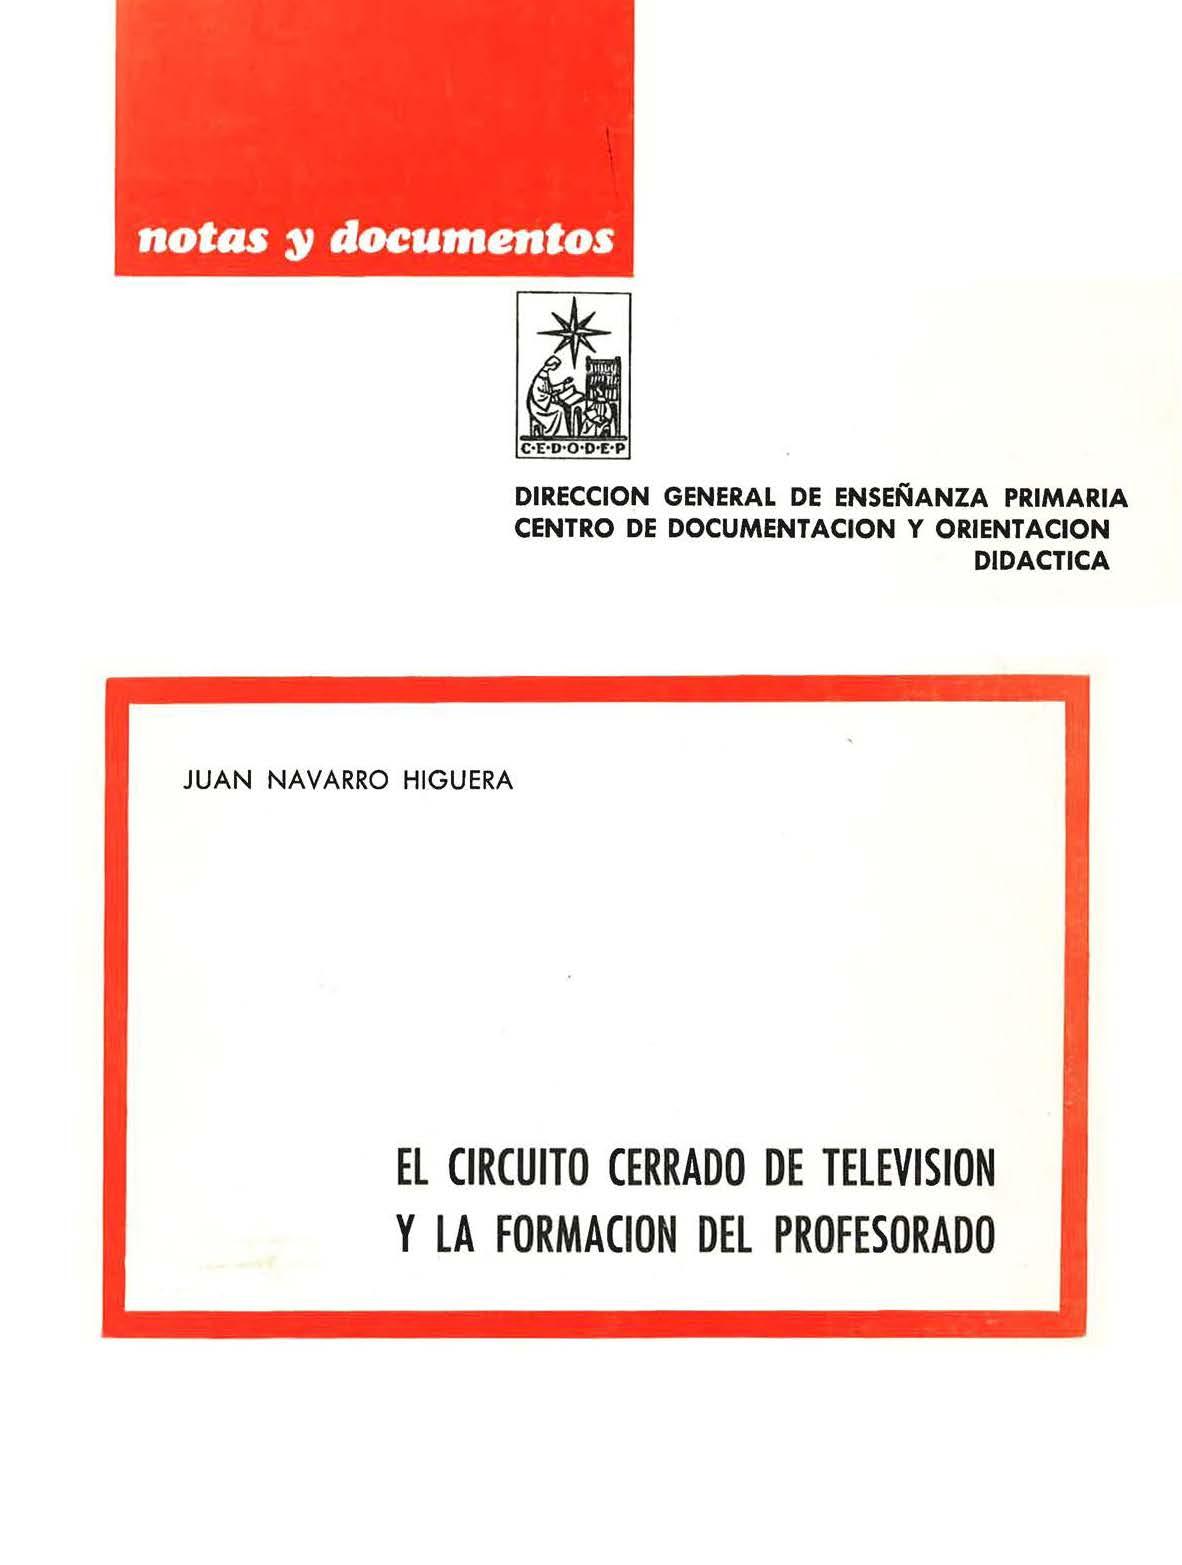 Circuito General : El circuito cerrado de televisión y la formación del profesorado